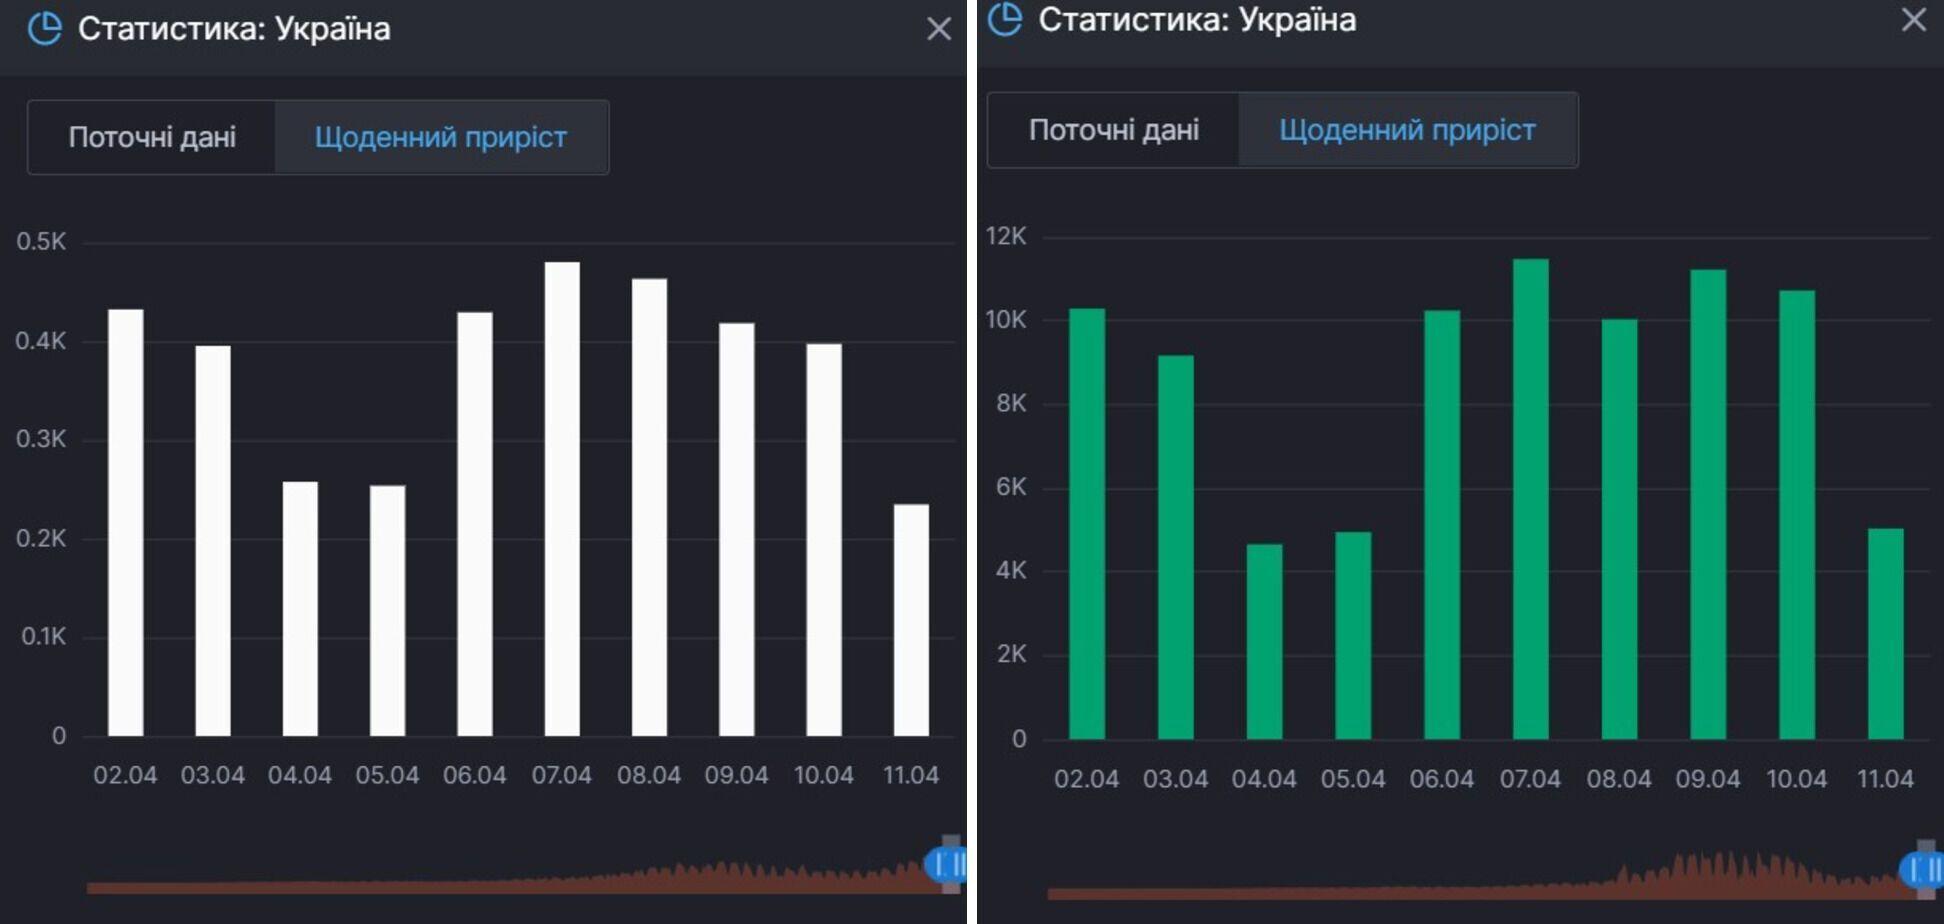 Ежедневный прирост смертей и выздоровлений от COVID-19 в Украине